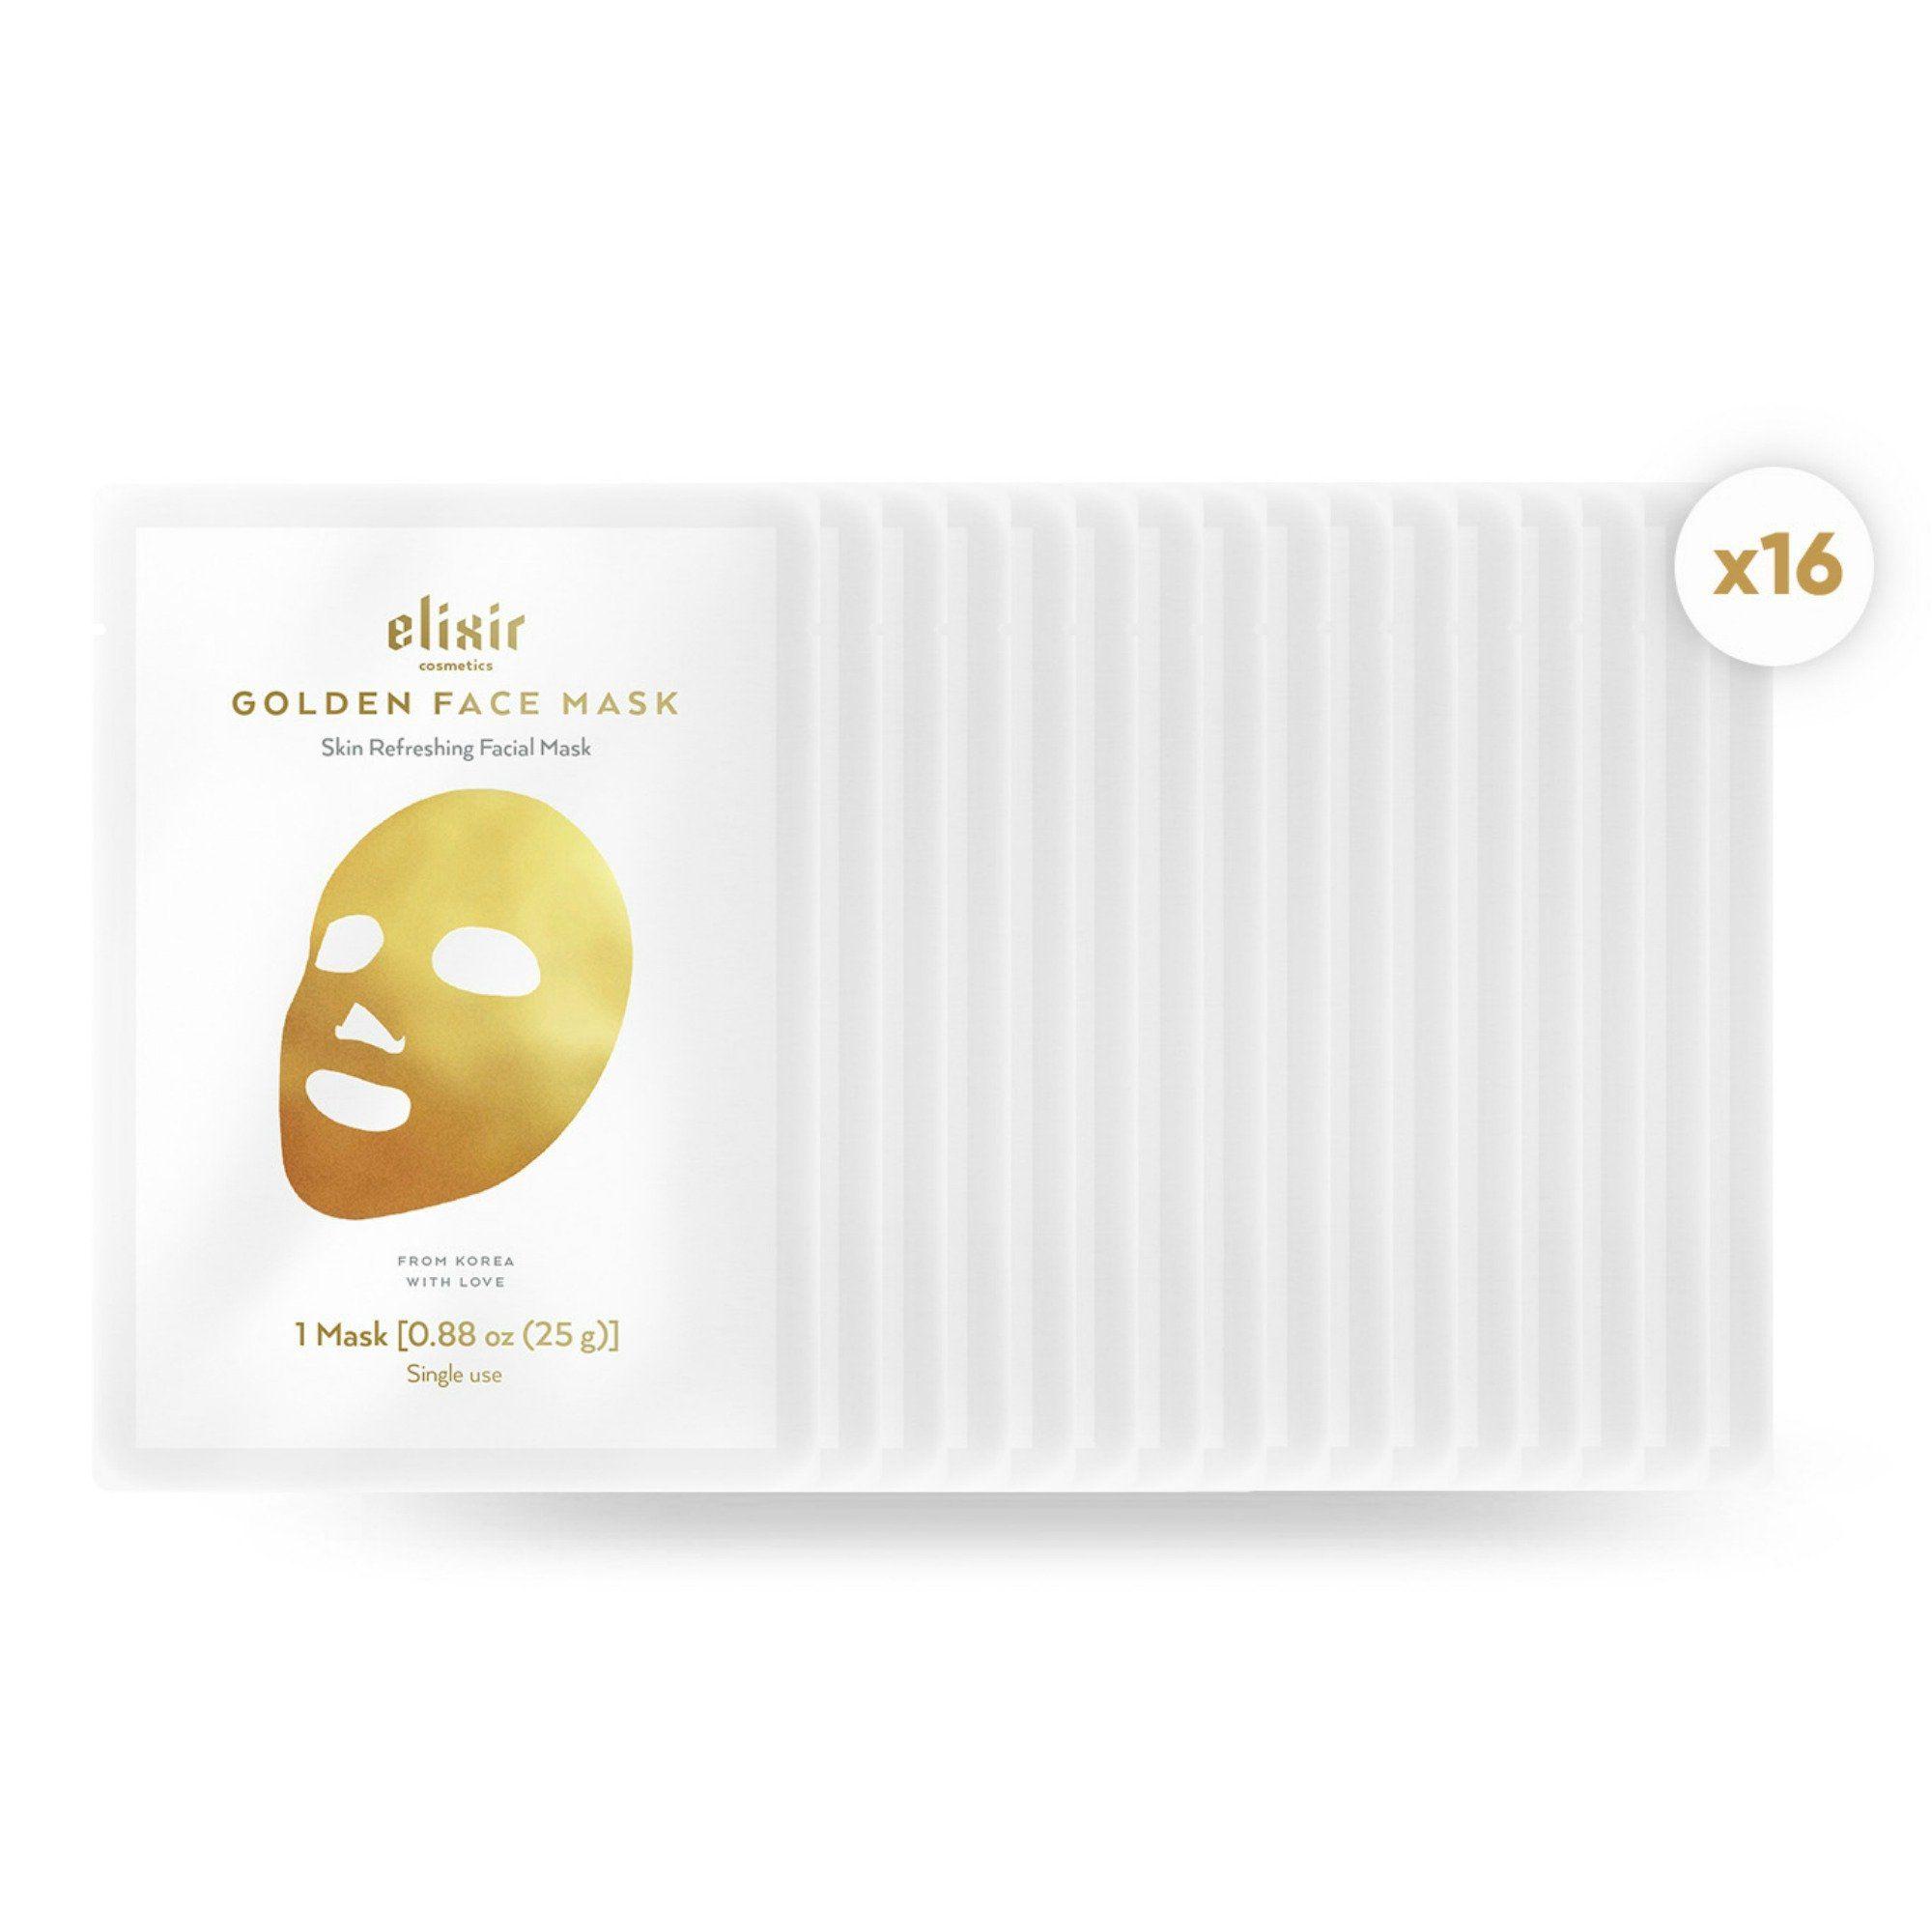 Elixir Gold Korean Face Mask Collagen Hashtag Korean Face Mask Face Mask Anti Aging Anti Aging Wrinkles